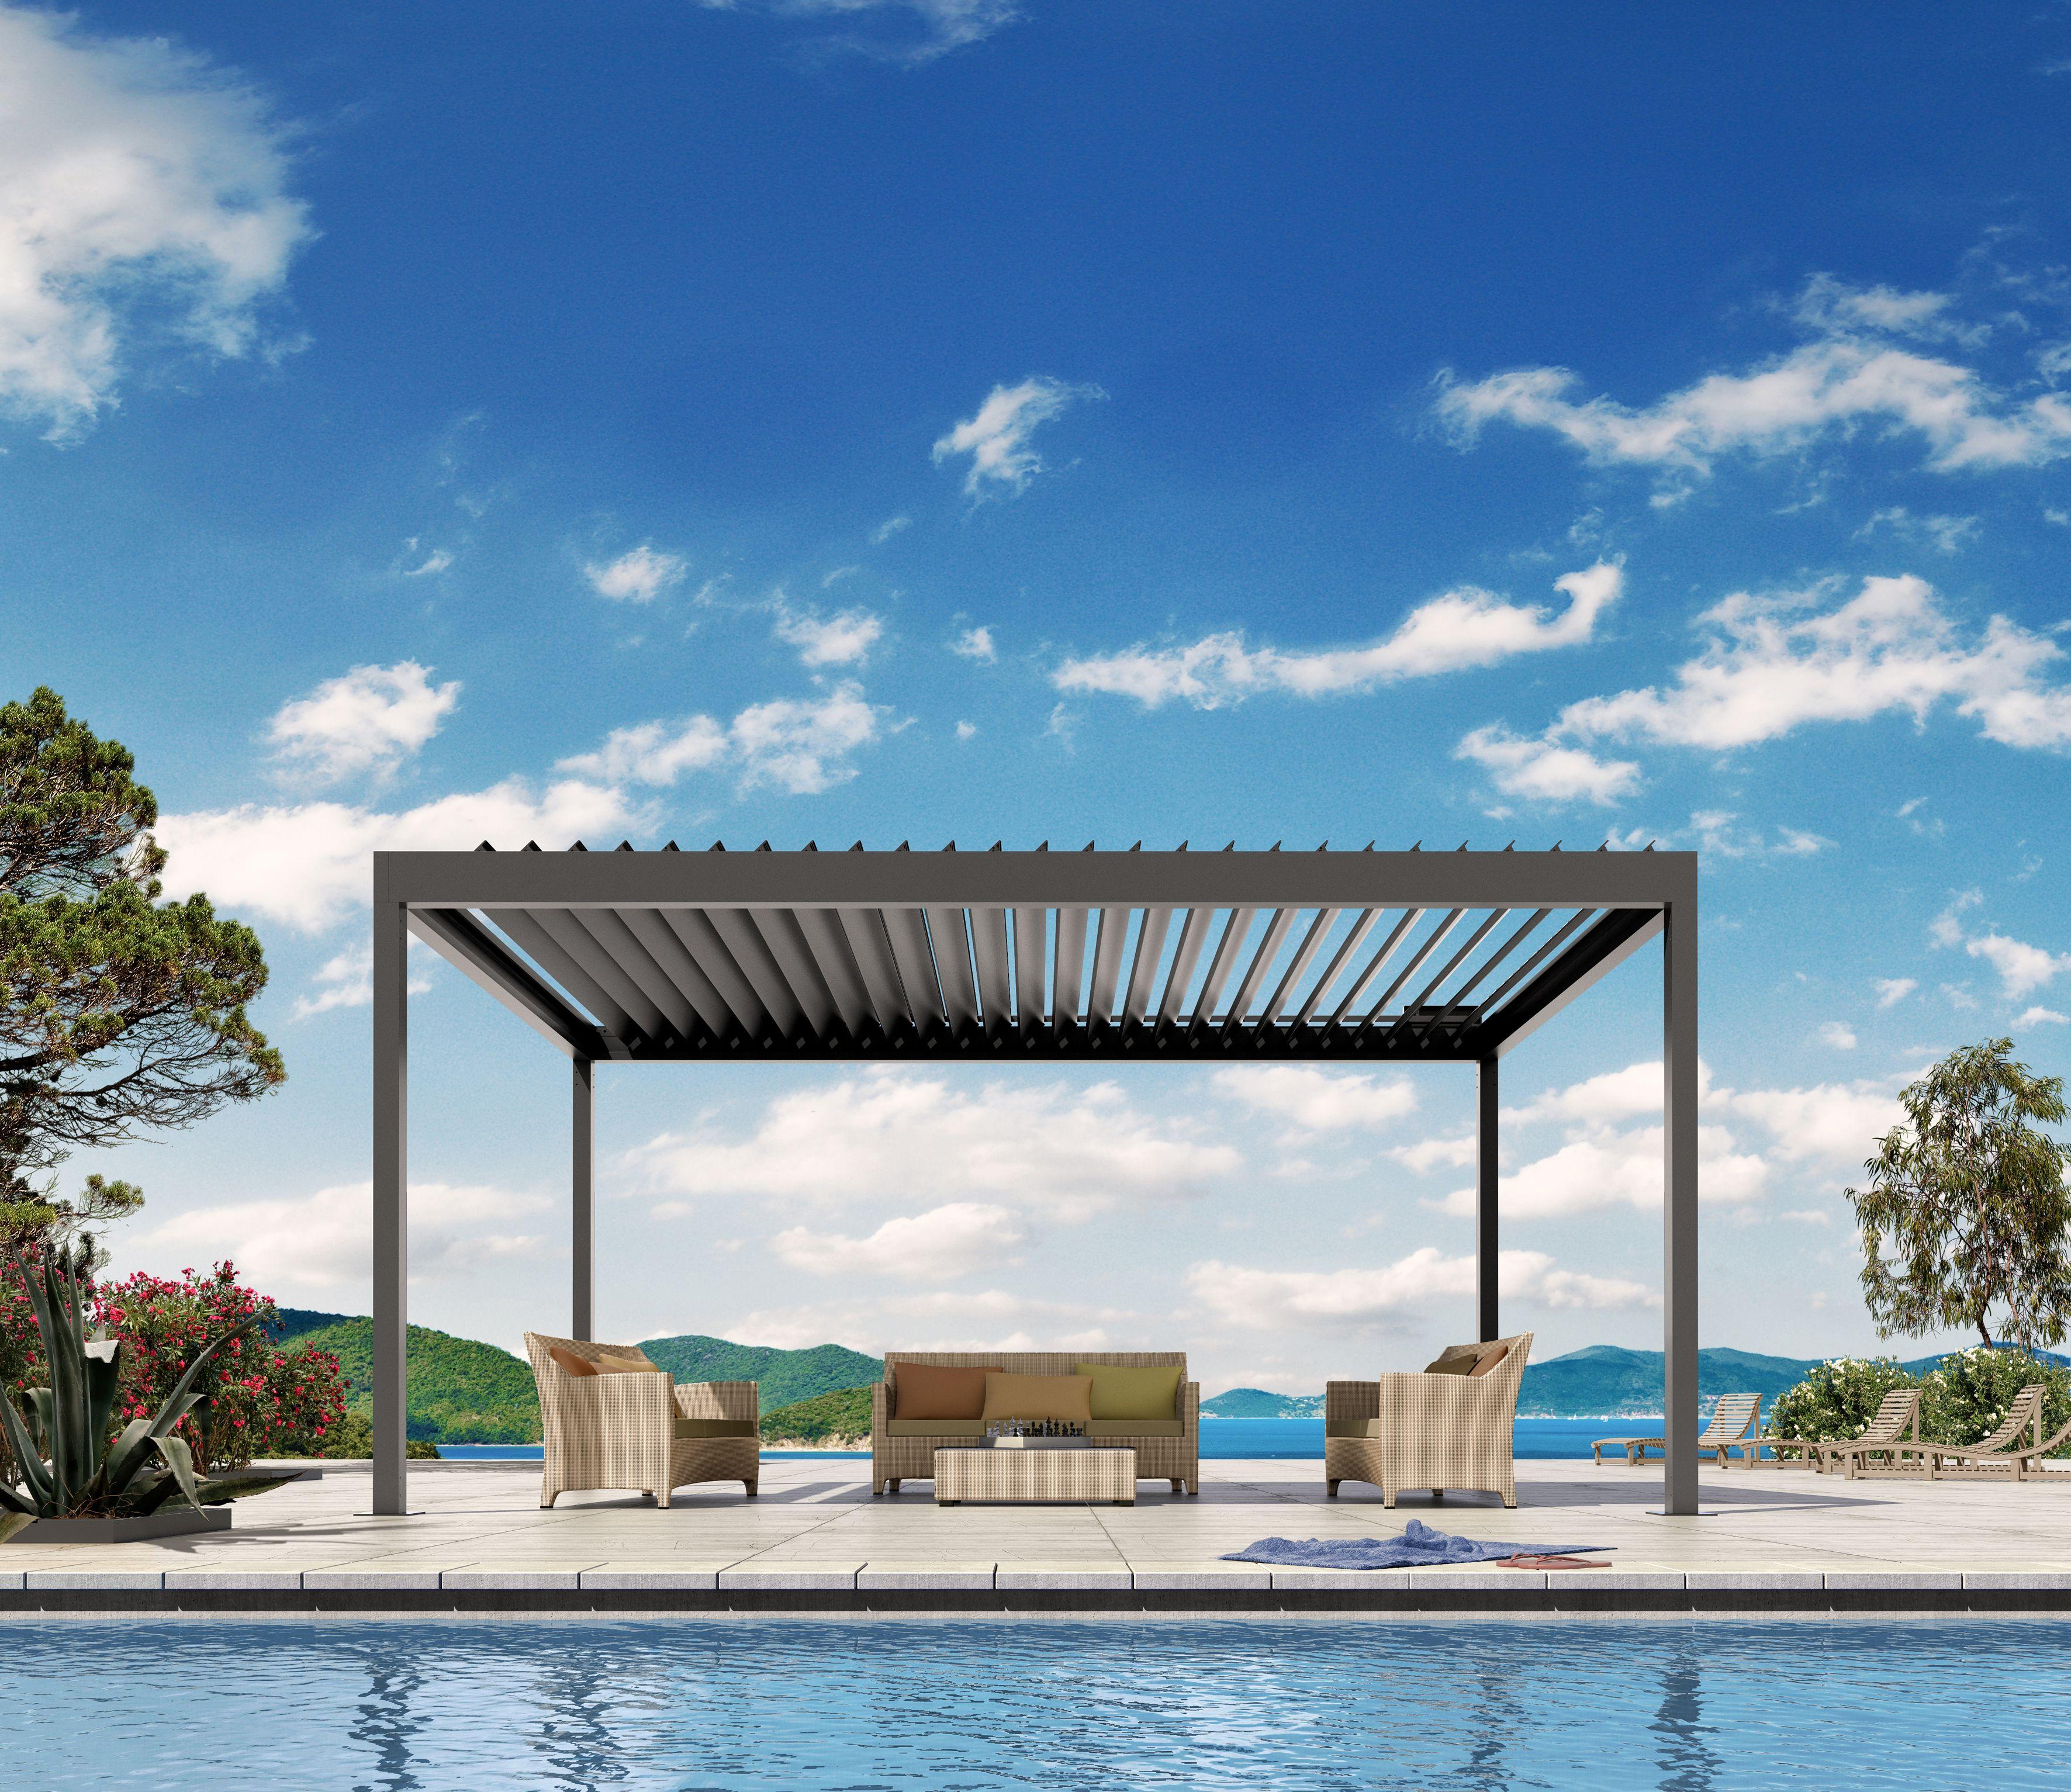 De nieuwe BAVONA outdoor living paviljoens bieden u van lente tot herfst levensruimtes dicht b ij de natuur op het terras of in de tuin